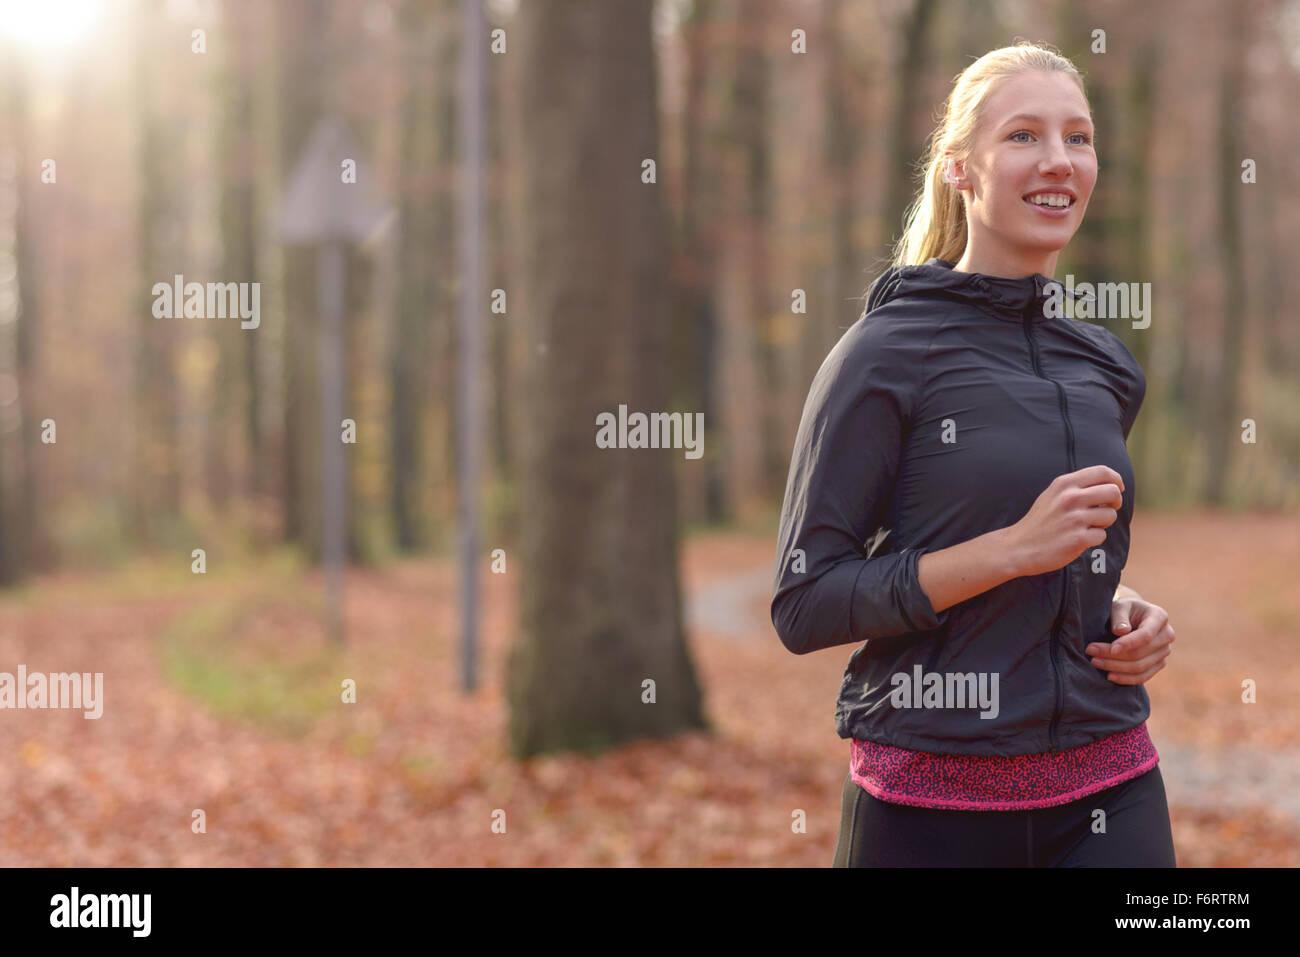 Ziemlich junge Frau, die durch Herbst Joggen fit oder Wald nähert sich die Kamera fallen, Oberkörper Porträt Stockbild